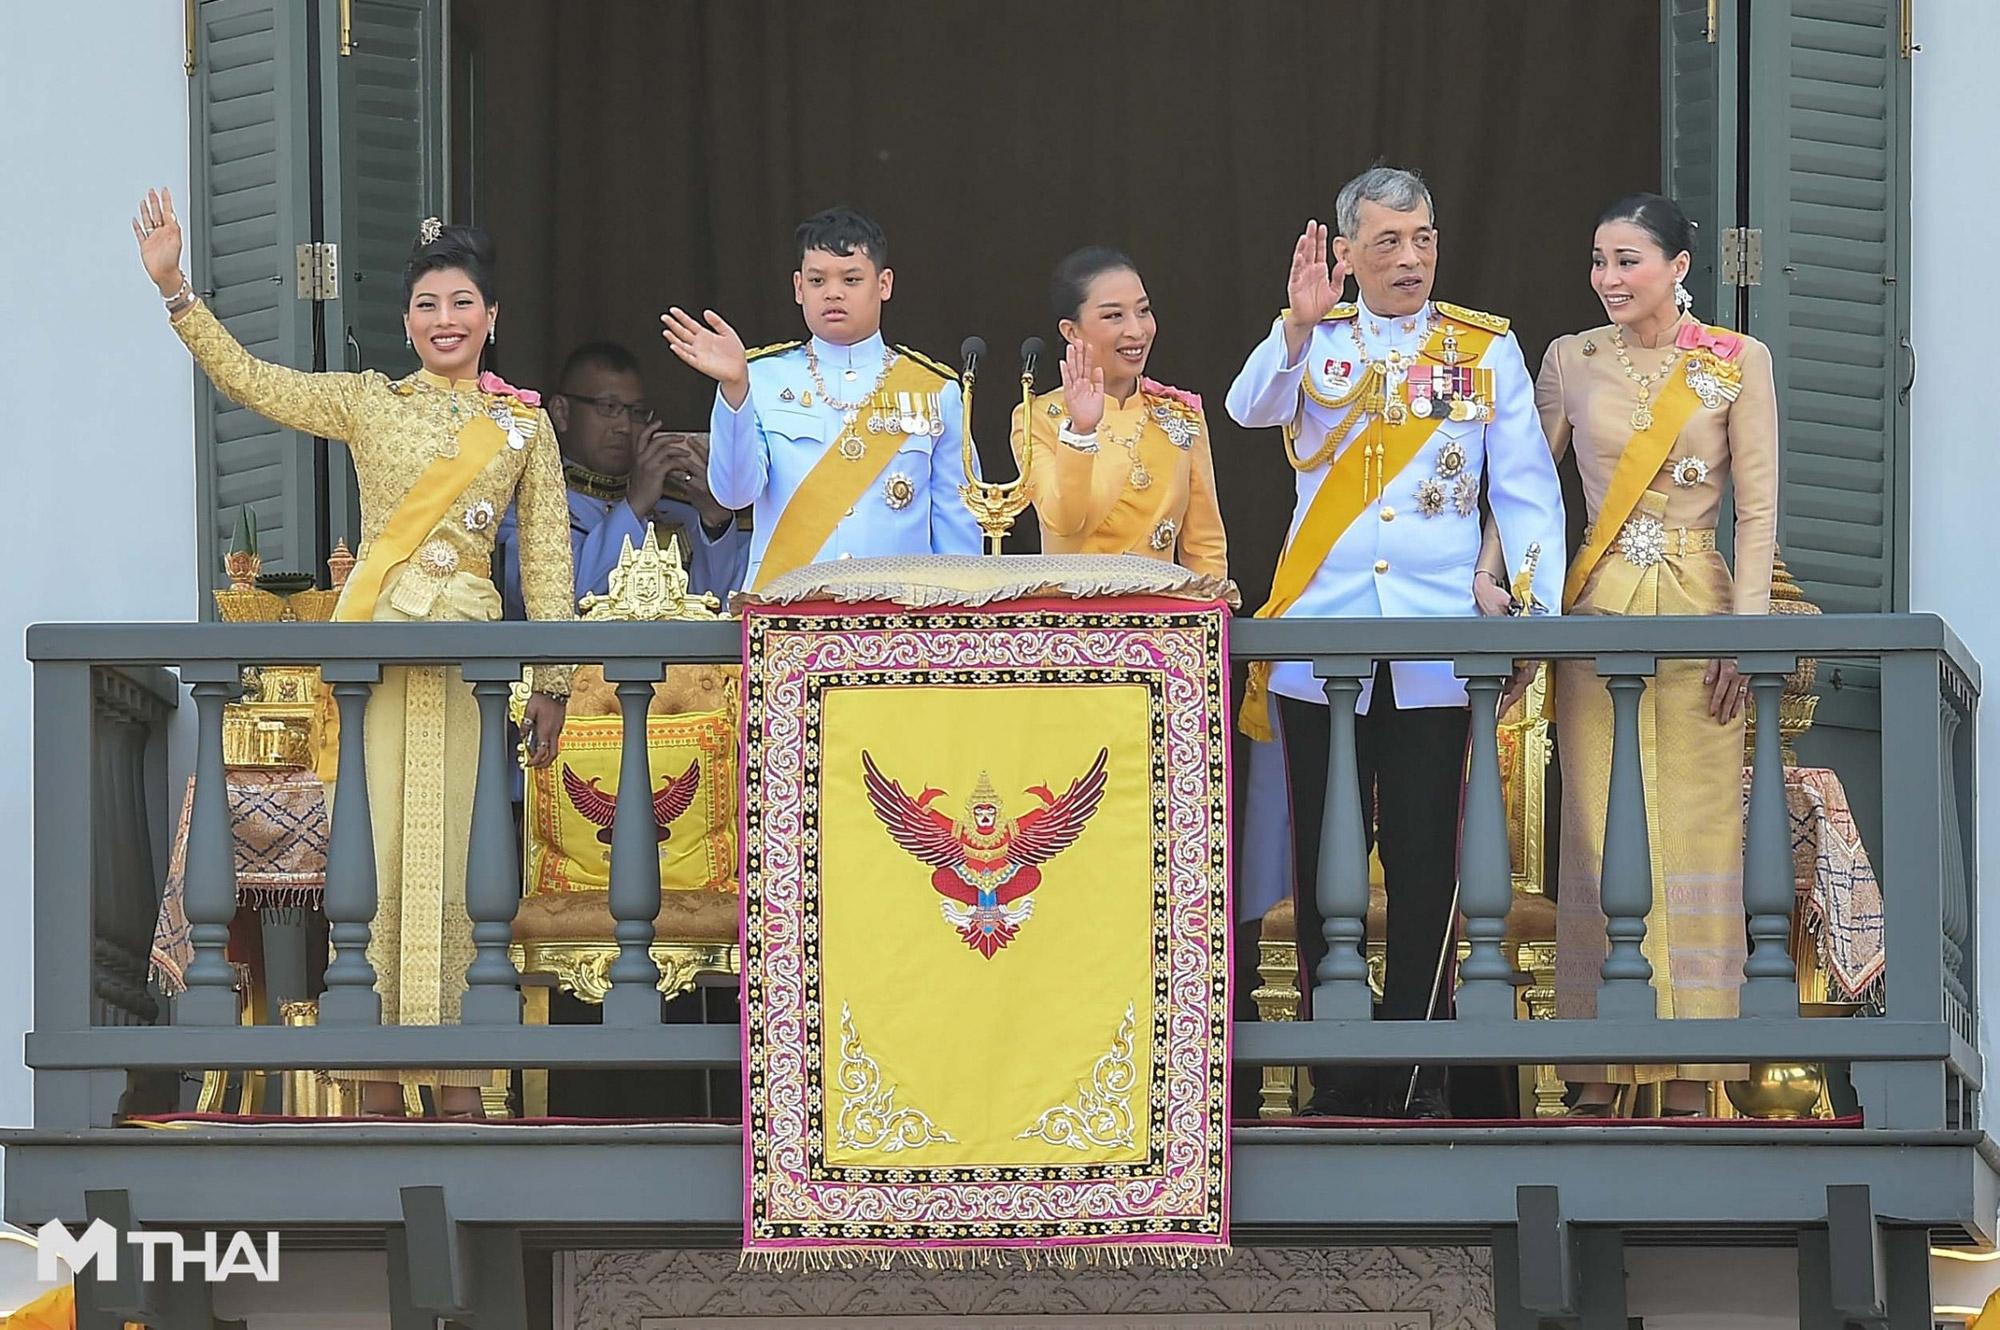 พระบรมวงศานุวงศ์ พระราชพิธี พิธีบรมราชาภิเษก เกร็ดน่ารู้ ในหลวงรัชกาลที่ 10